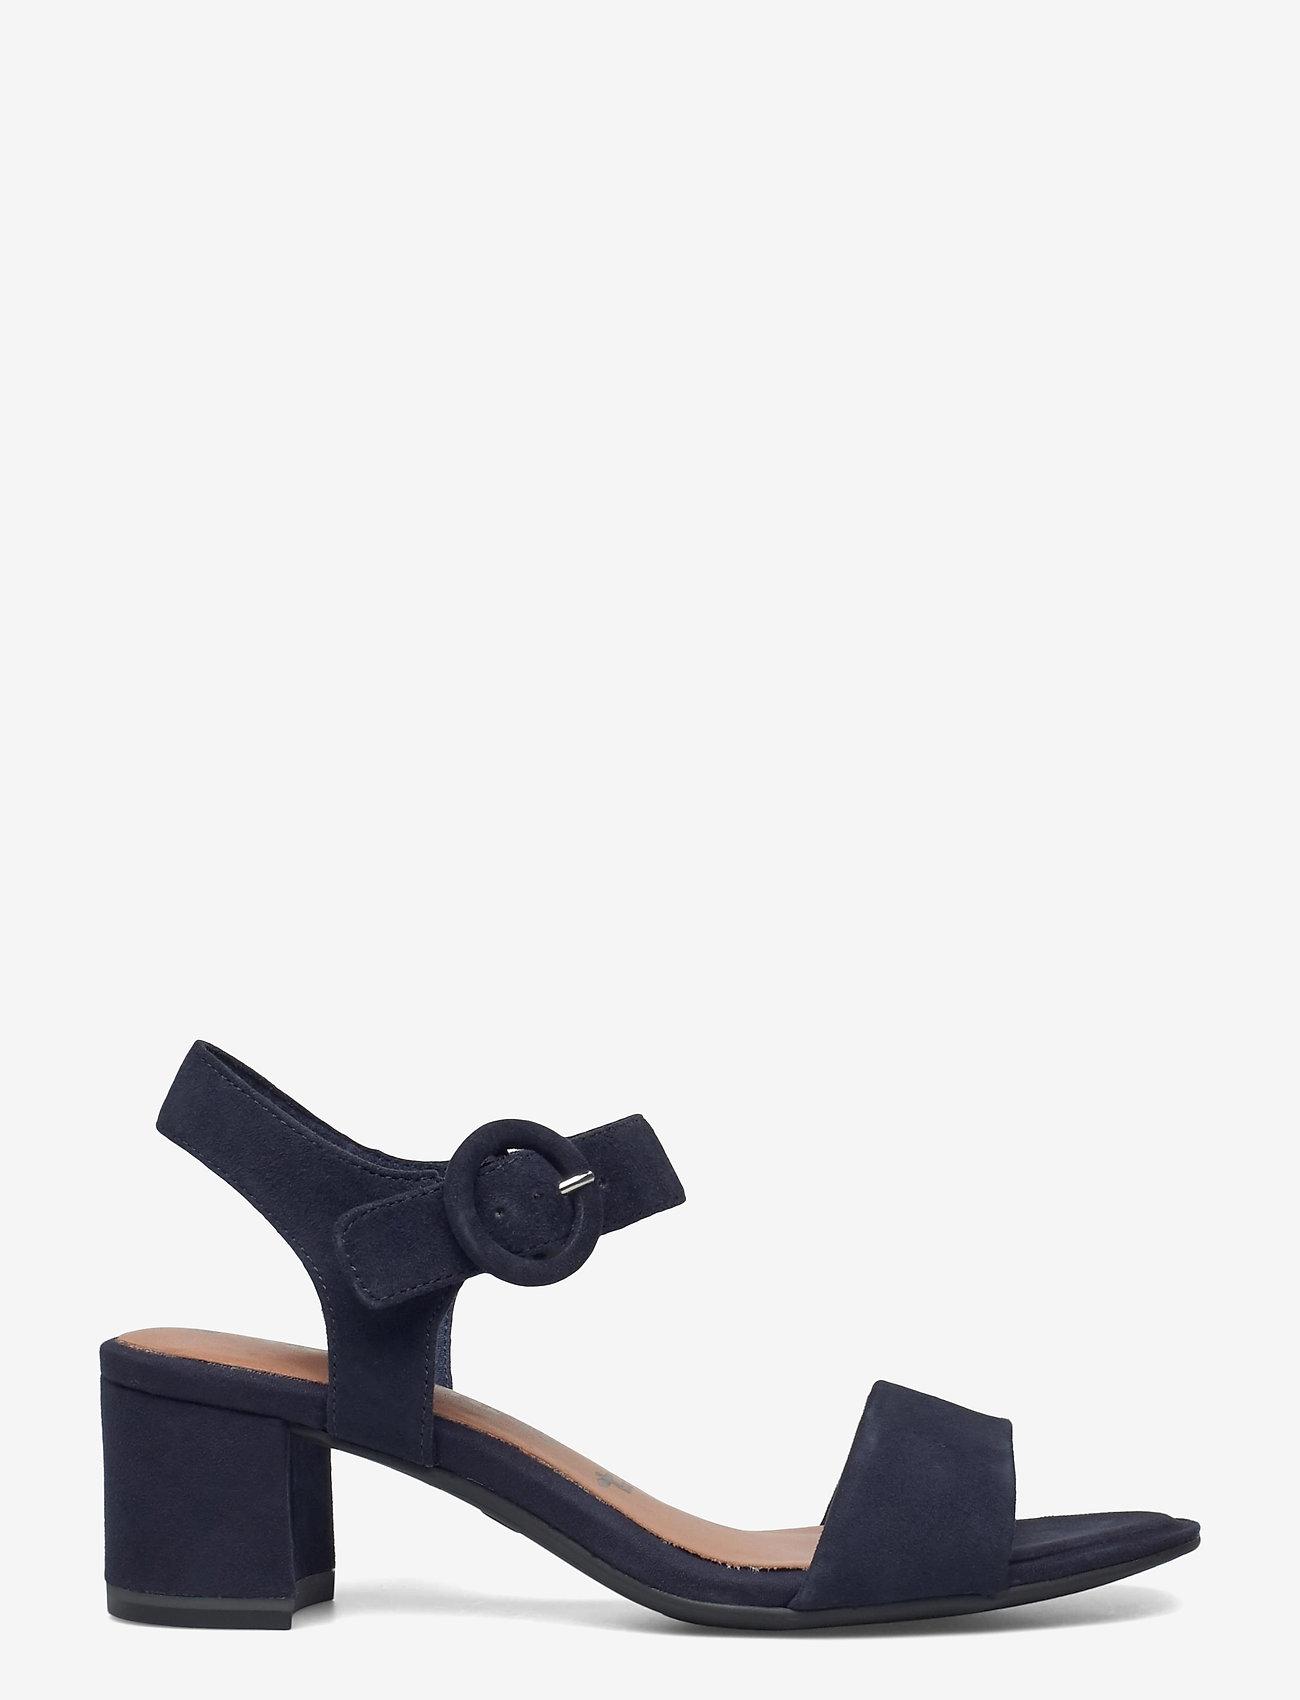 Tamaris - Woms Sandals - augstpapēžu sandales - navy suede - 1